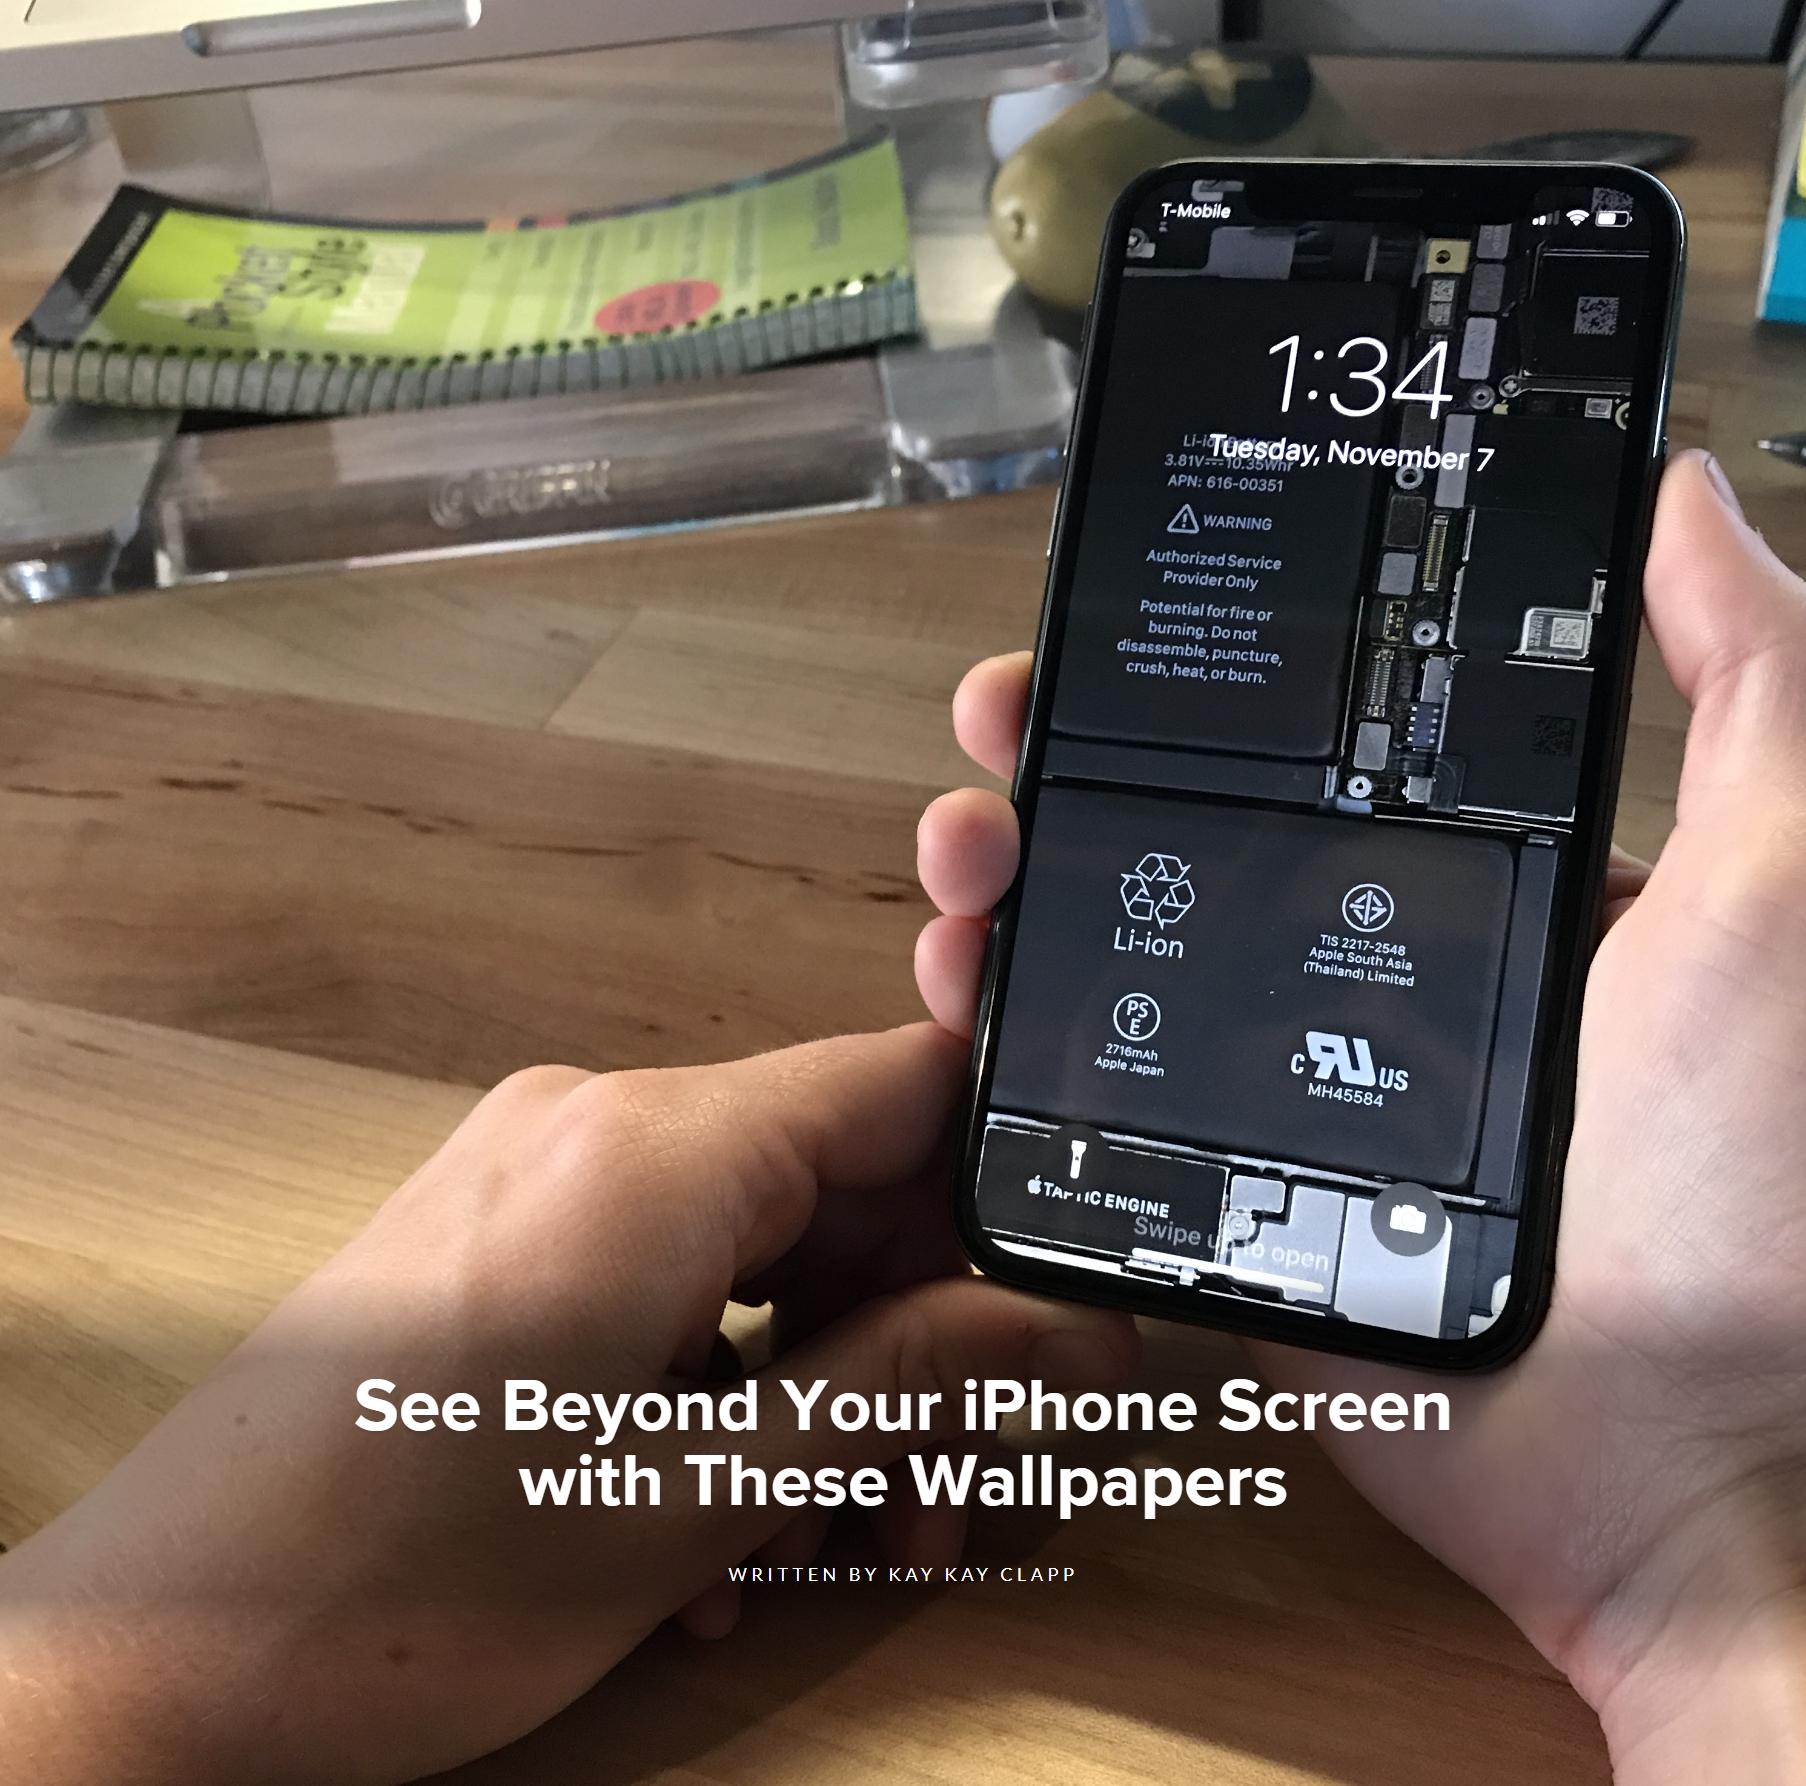 まるでスケルトン Iphone Xsの内部が見える壁紙 Iphoneteq